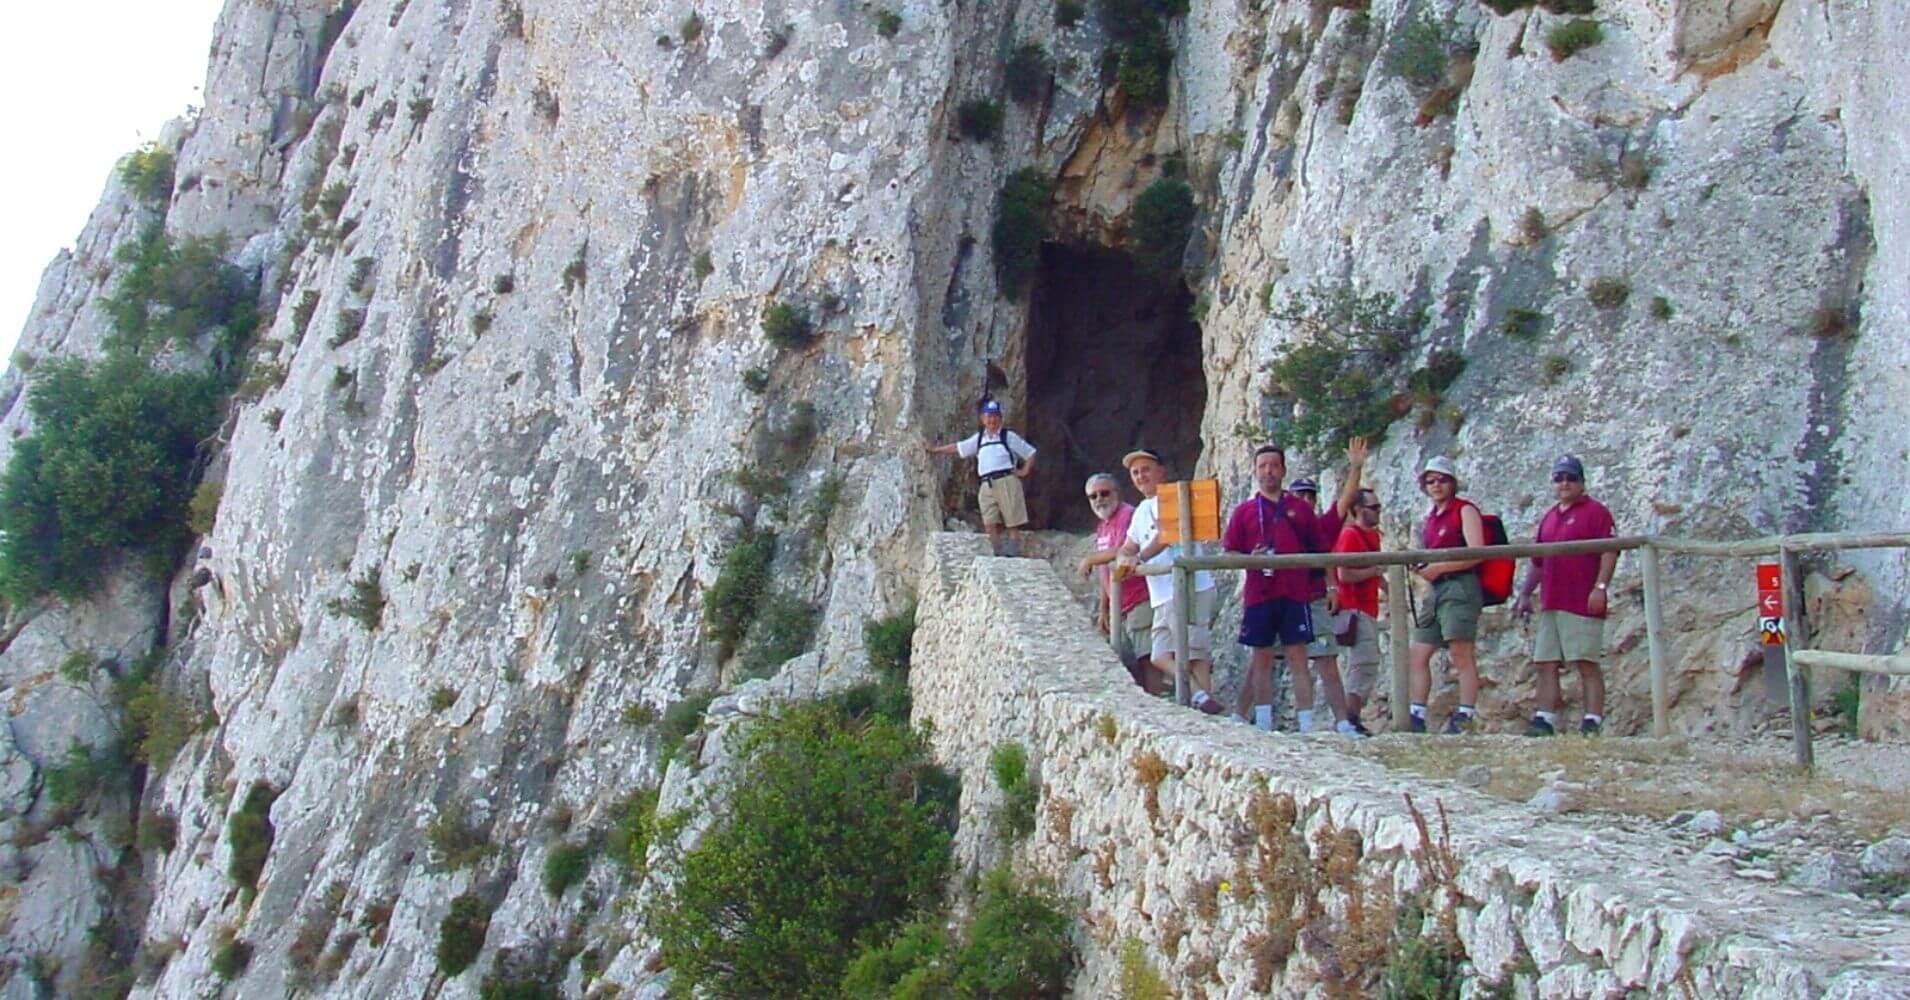 Miradores de Levante. Subida al Peñón de Ifach. Calpe, Alicante. Comunidad Valenciana.